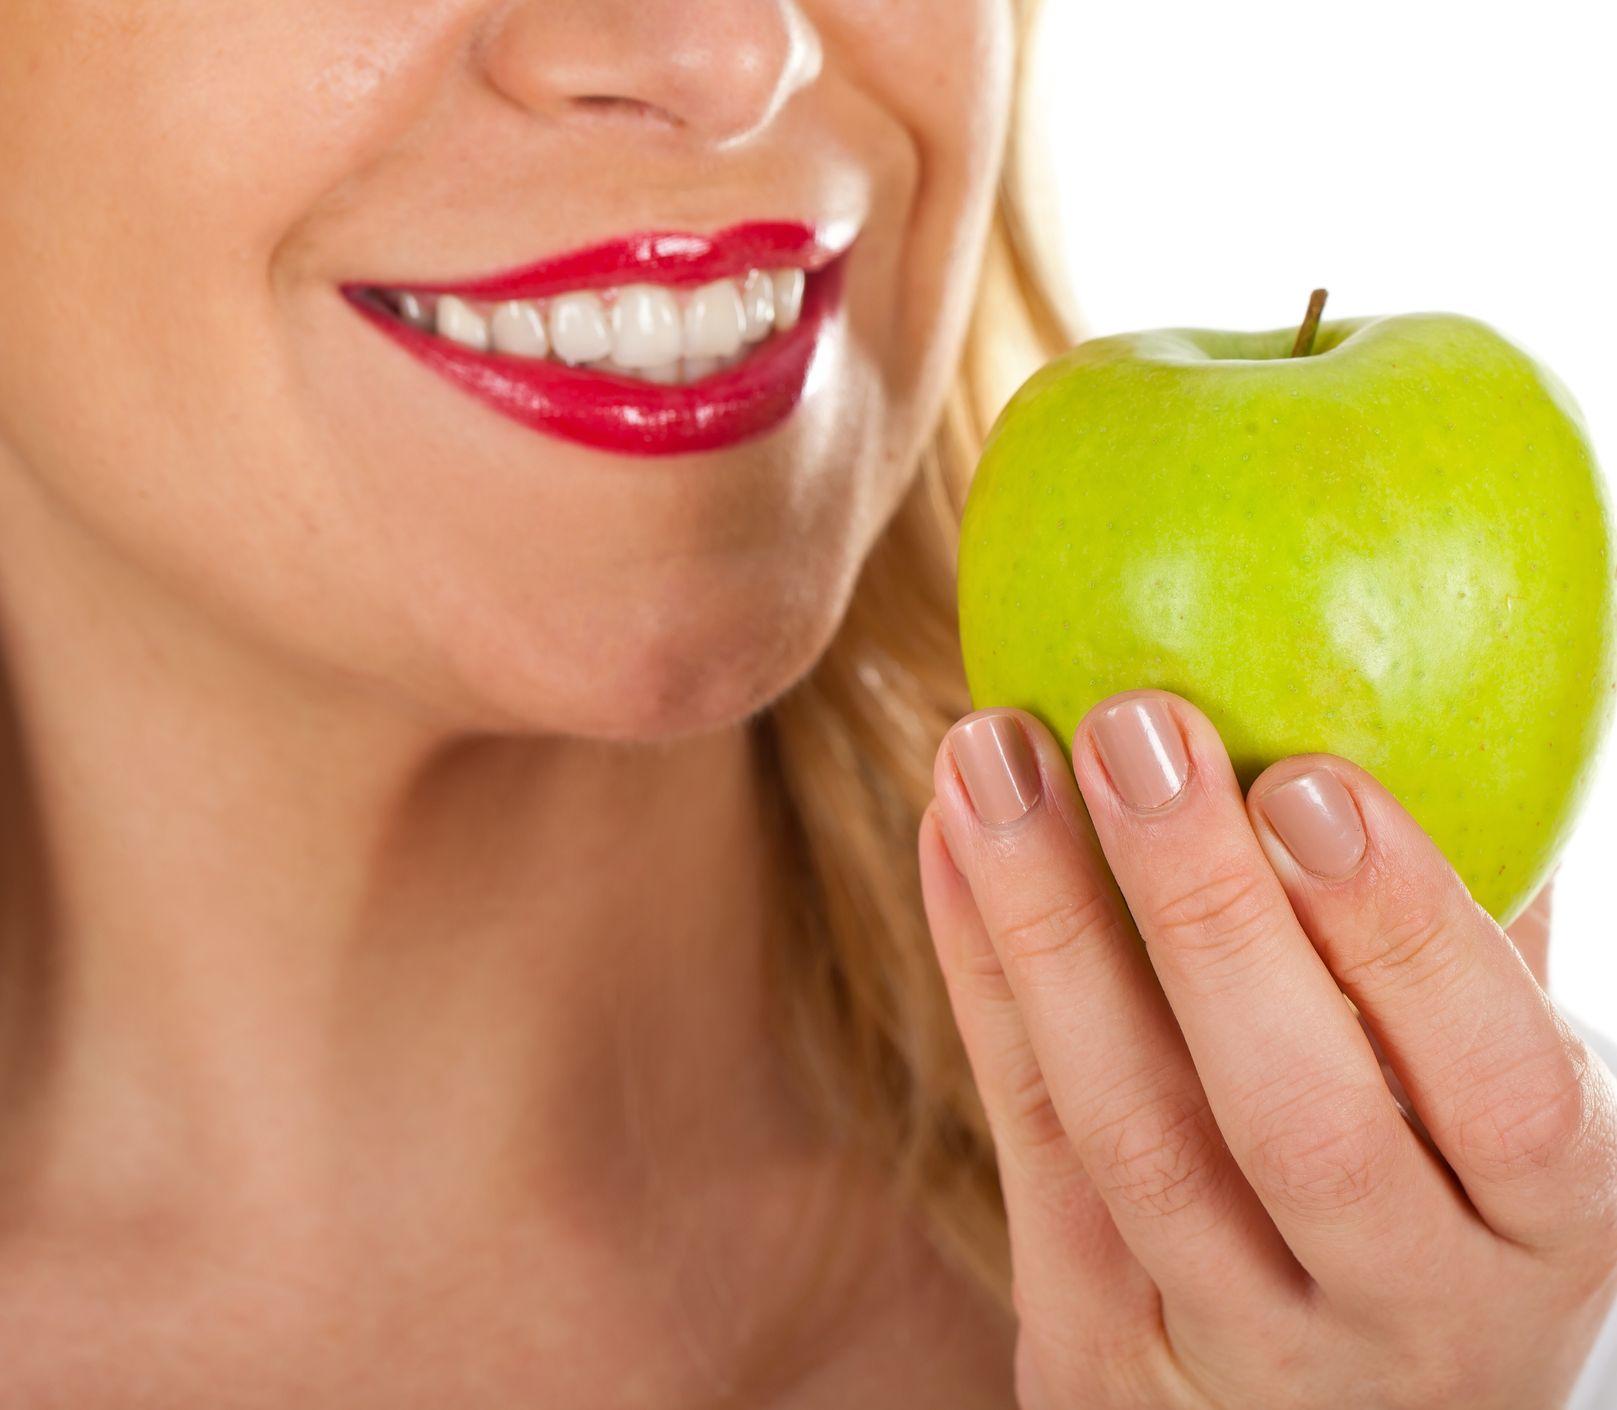 Zuby žiarivé ako perličky: Ide to aj bez bielenia!